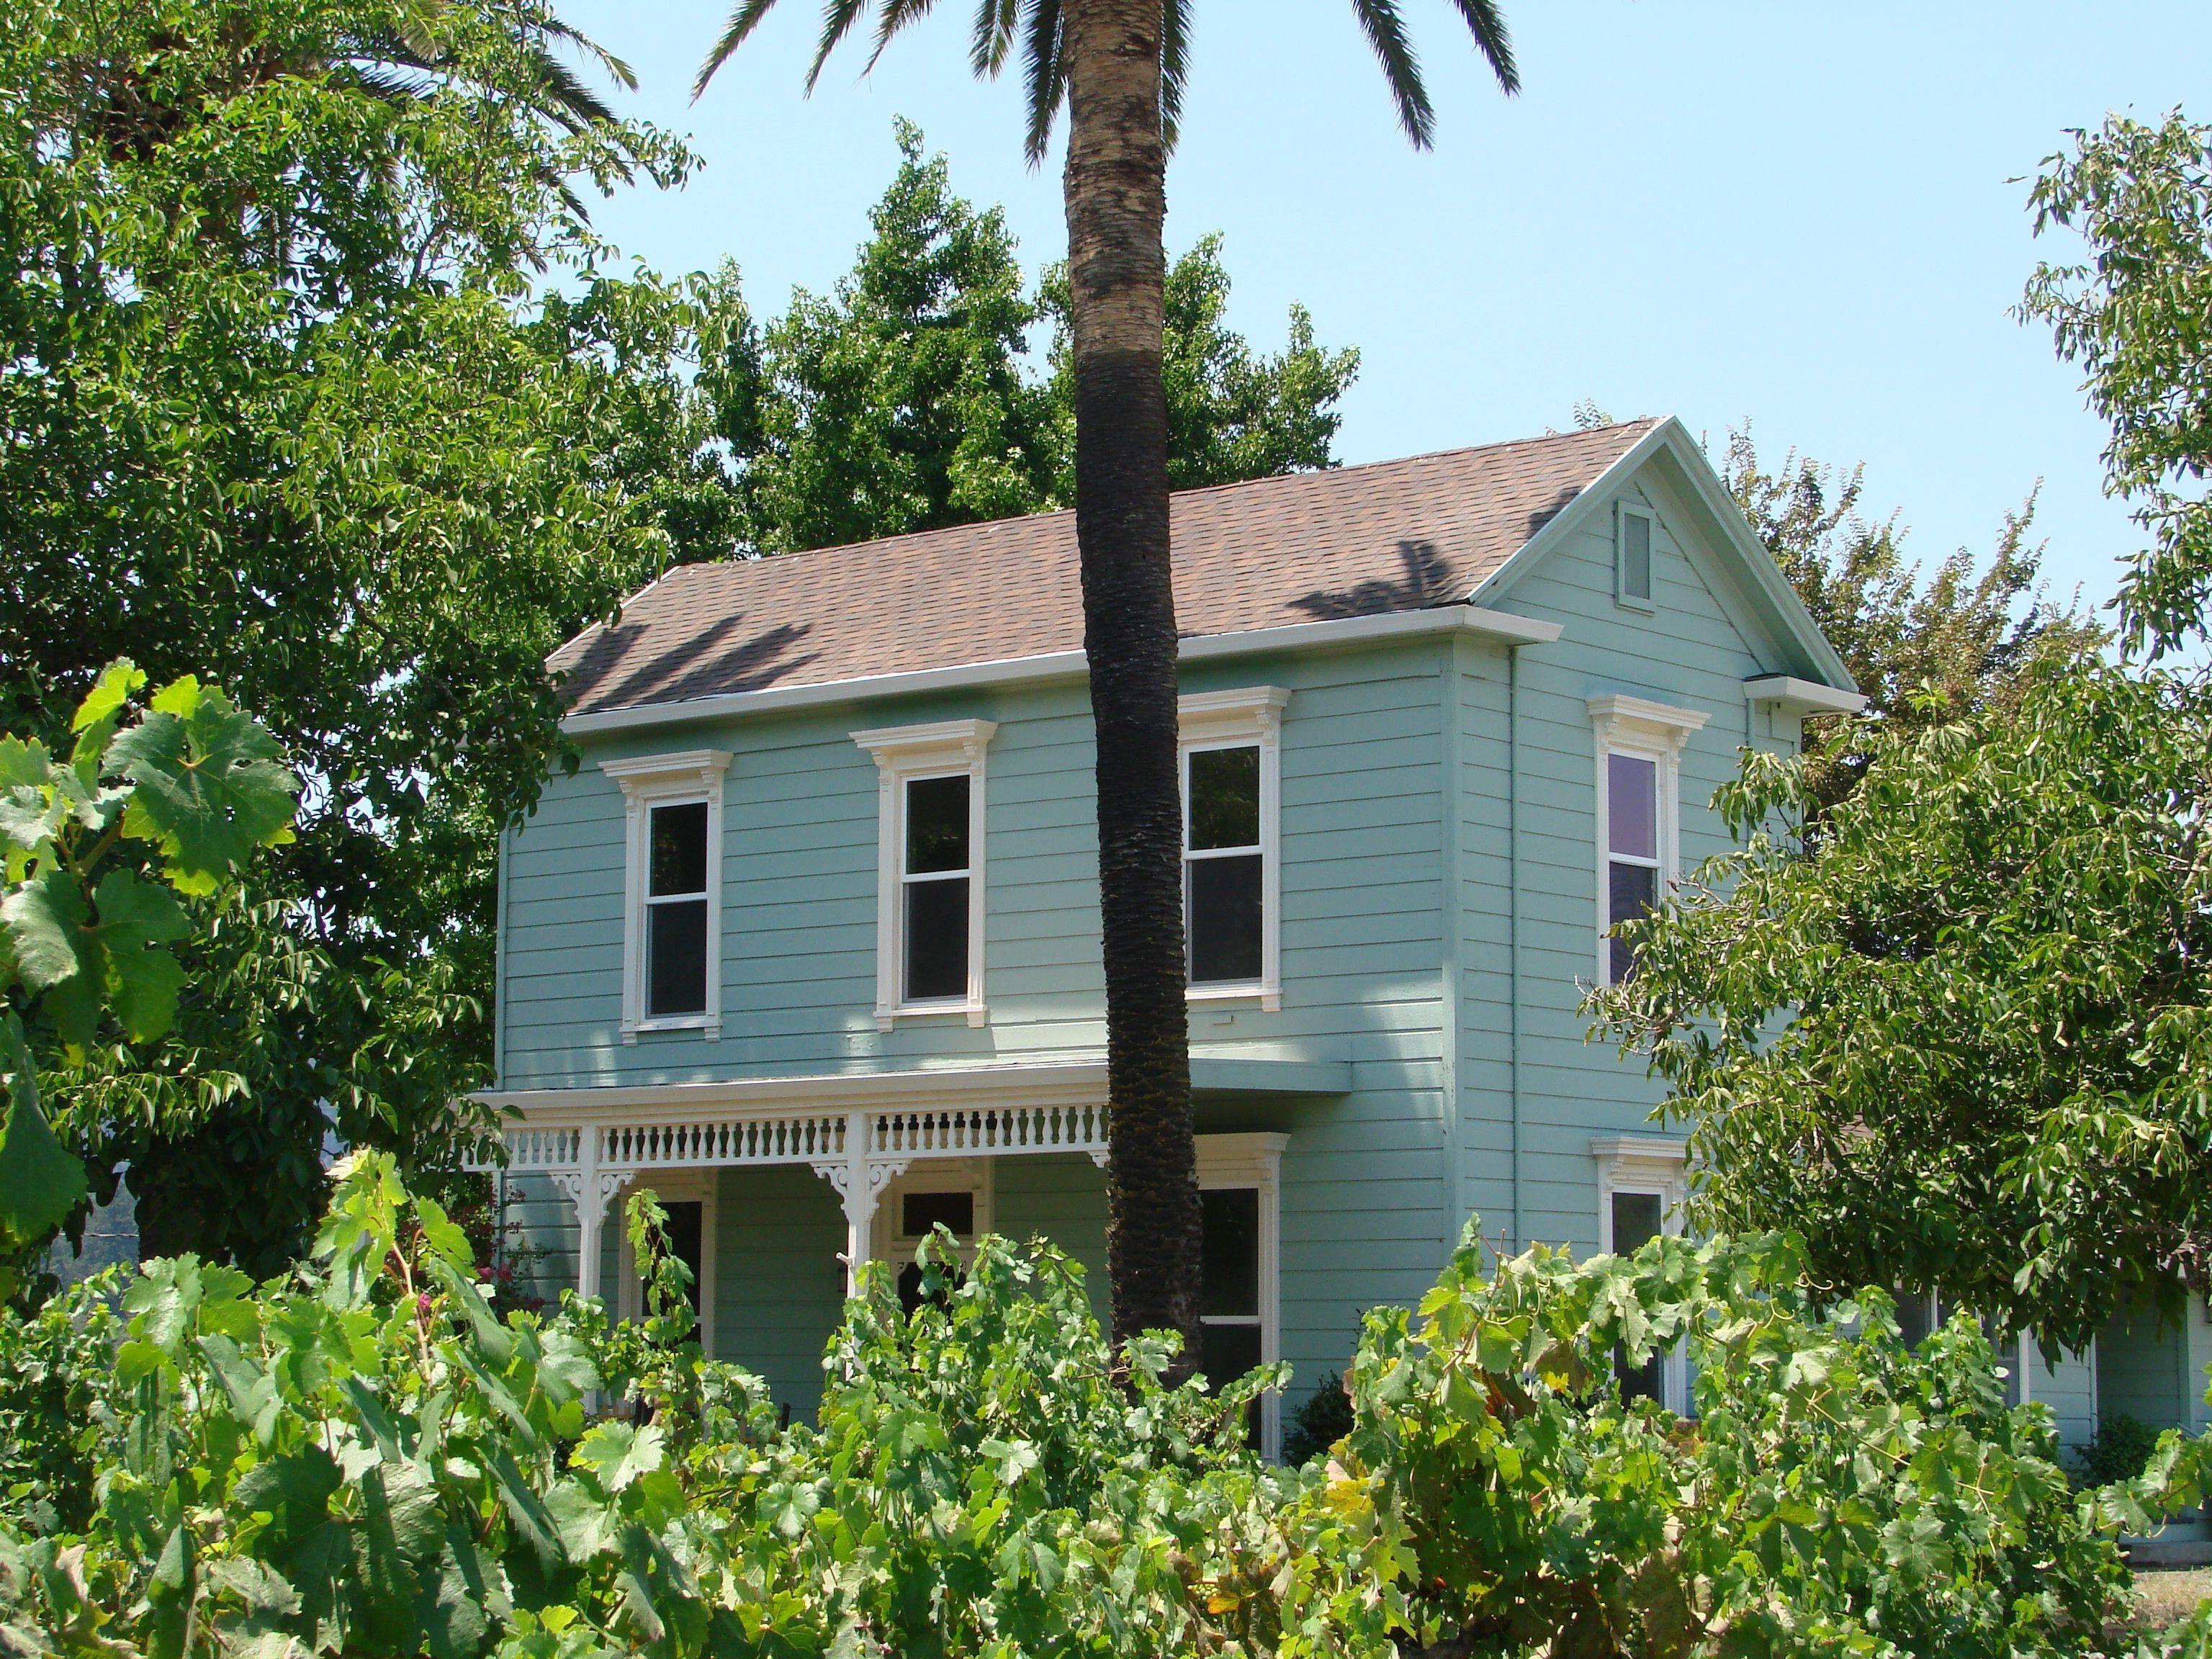 1271 Tubbs Ln, Calistoga, CA 94515 (MLS # 21211135 ...